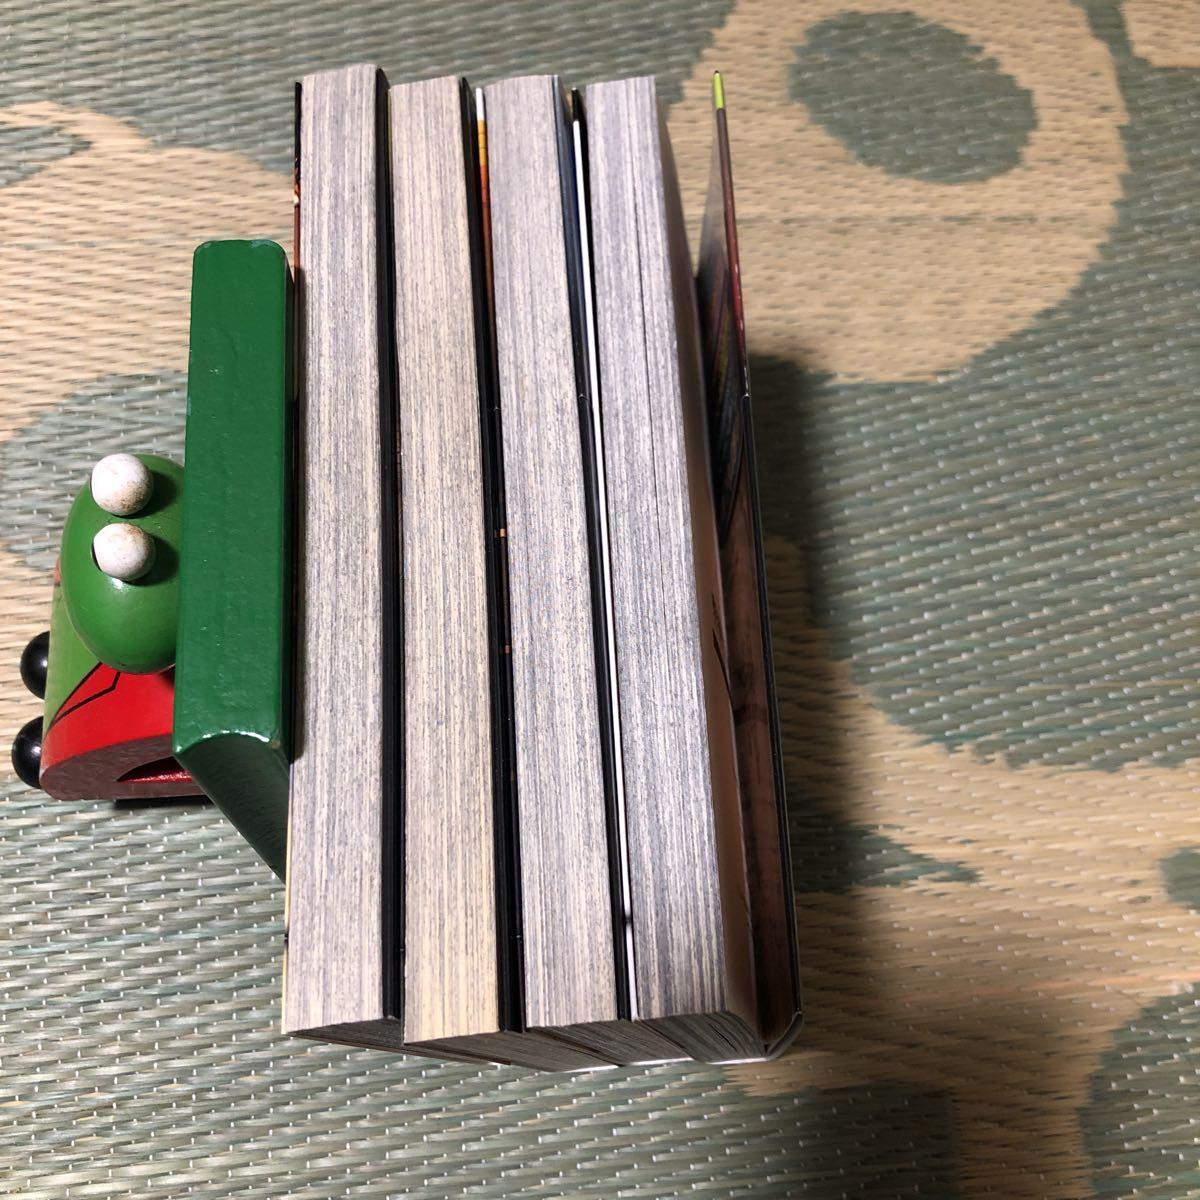 進撃の巨人 進撃の巨人 12巻~15巻 限定版 初版 本のみ 4冊セット 中古 5